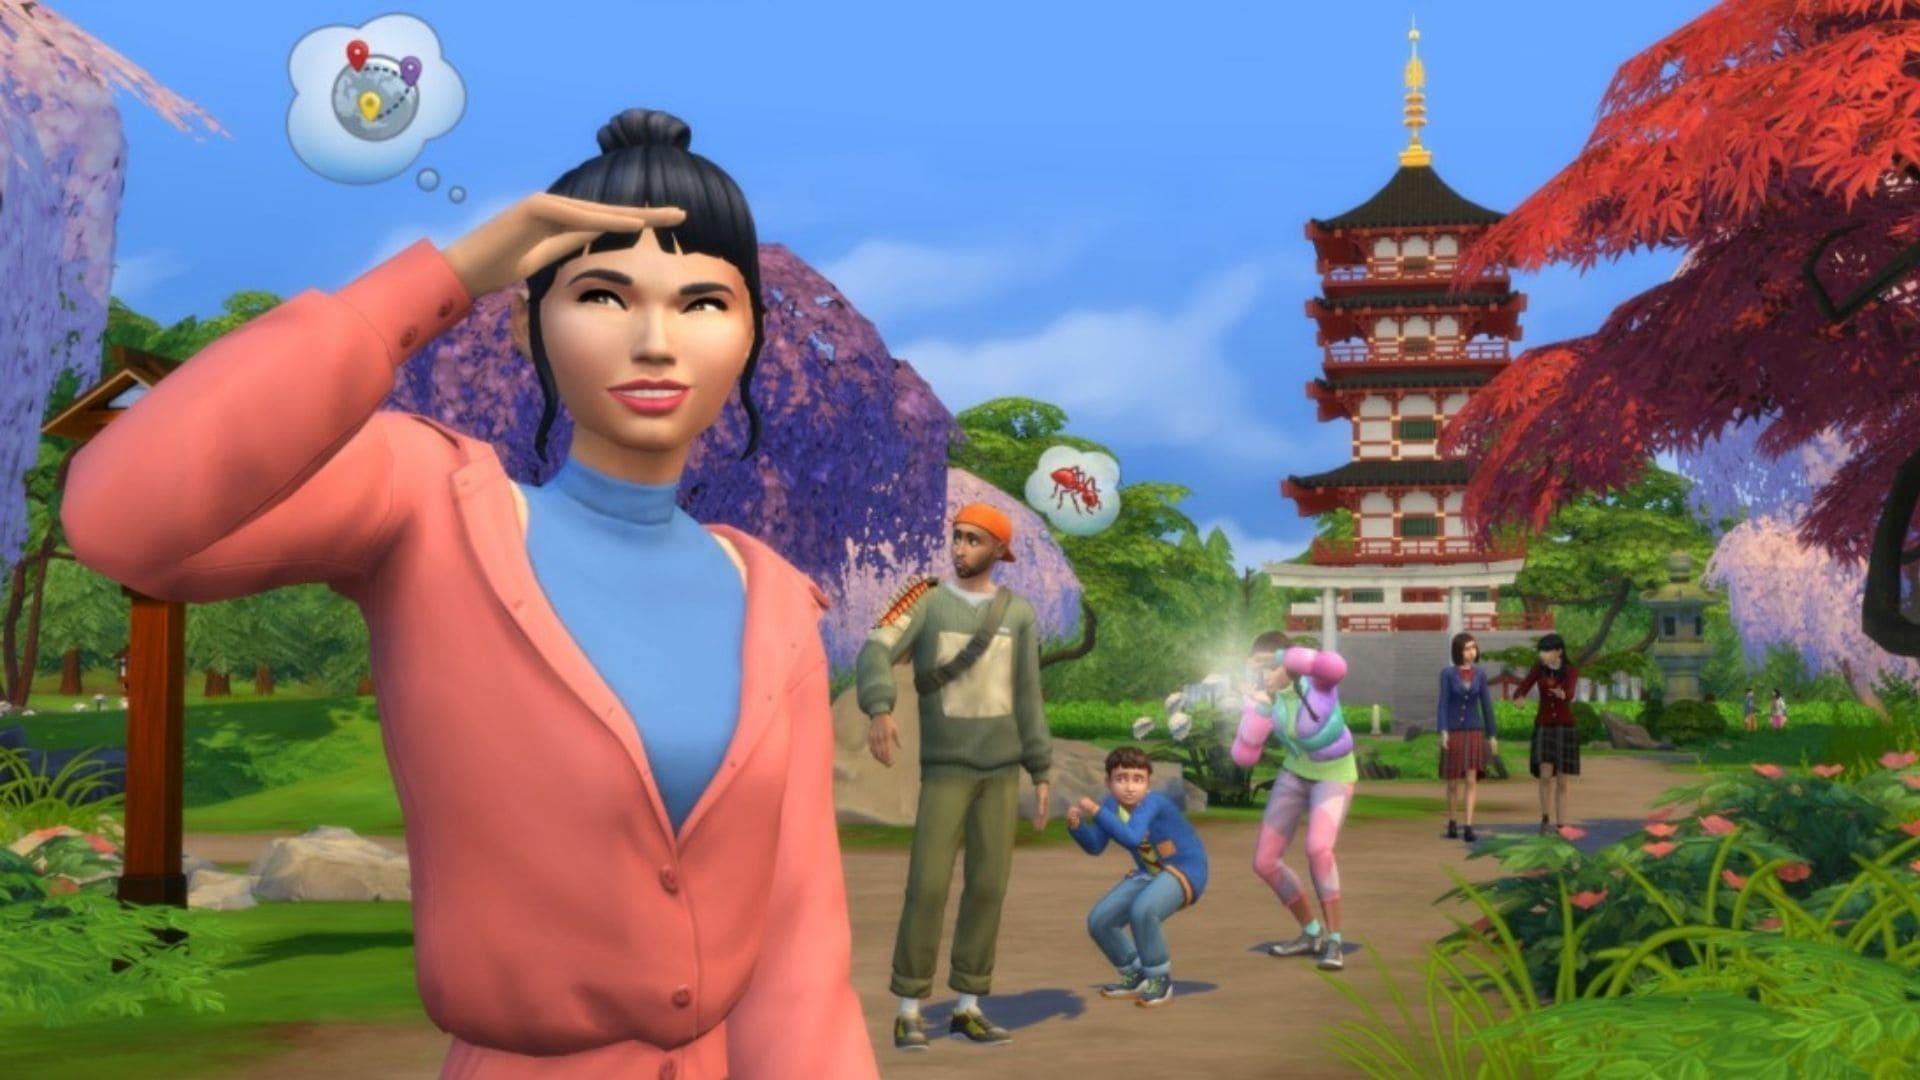 Personagem de The Sims busca algo com outro personagem ao fundo